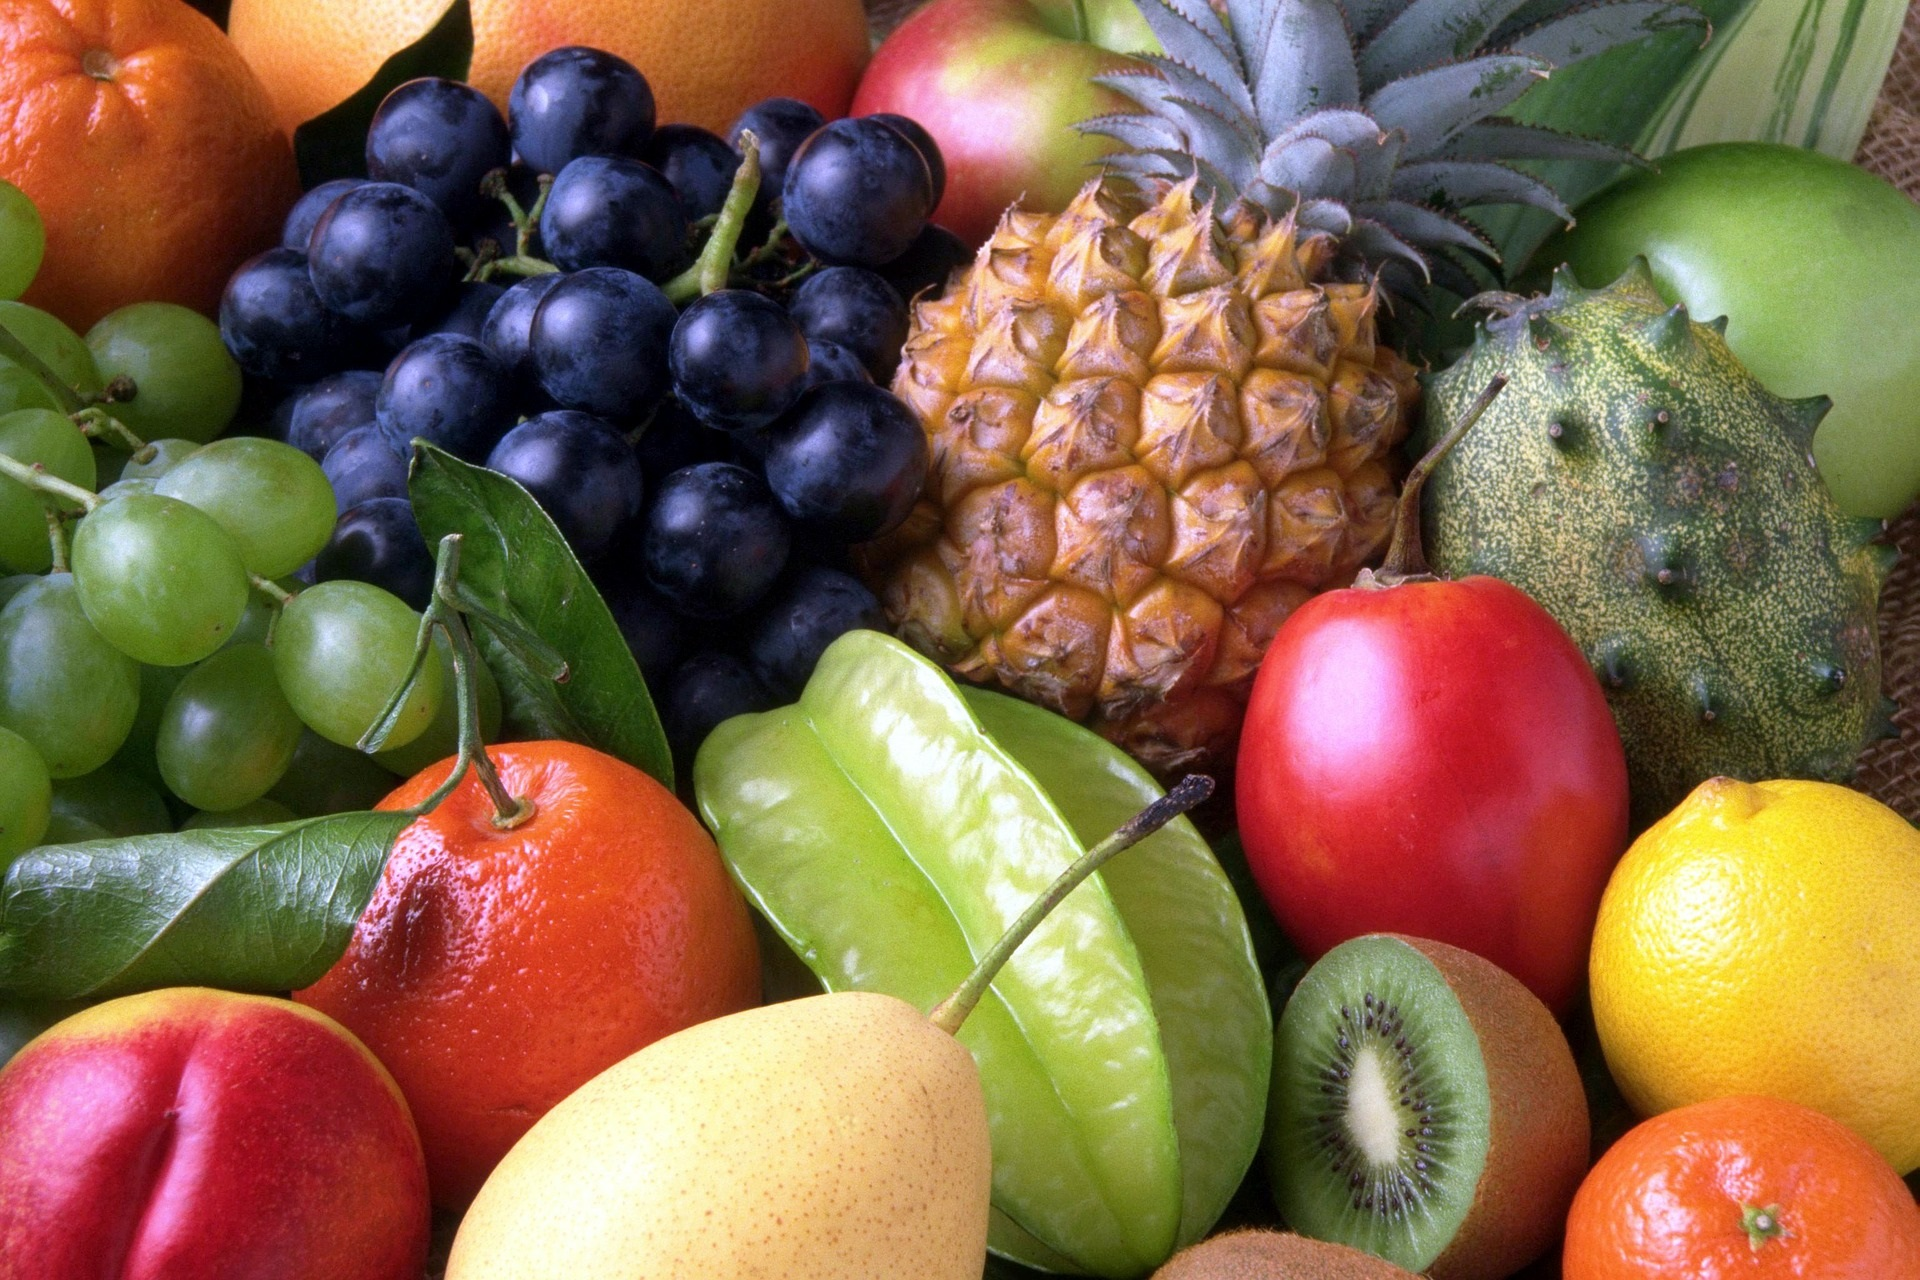 Zuccheri della frutta: fanno ingrassare?